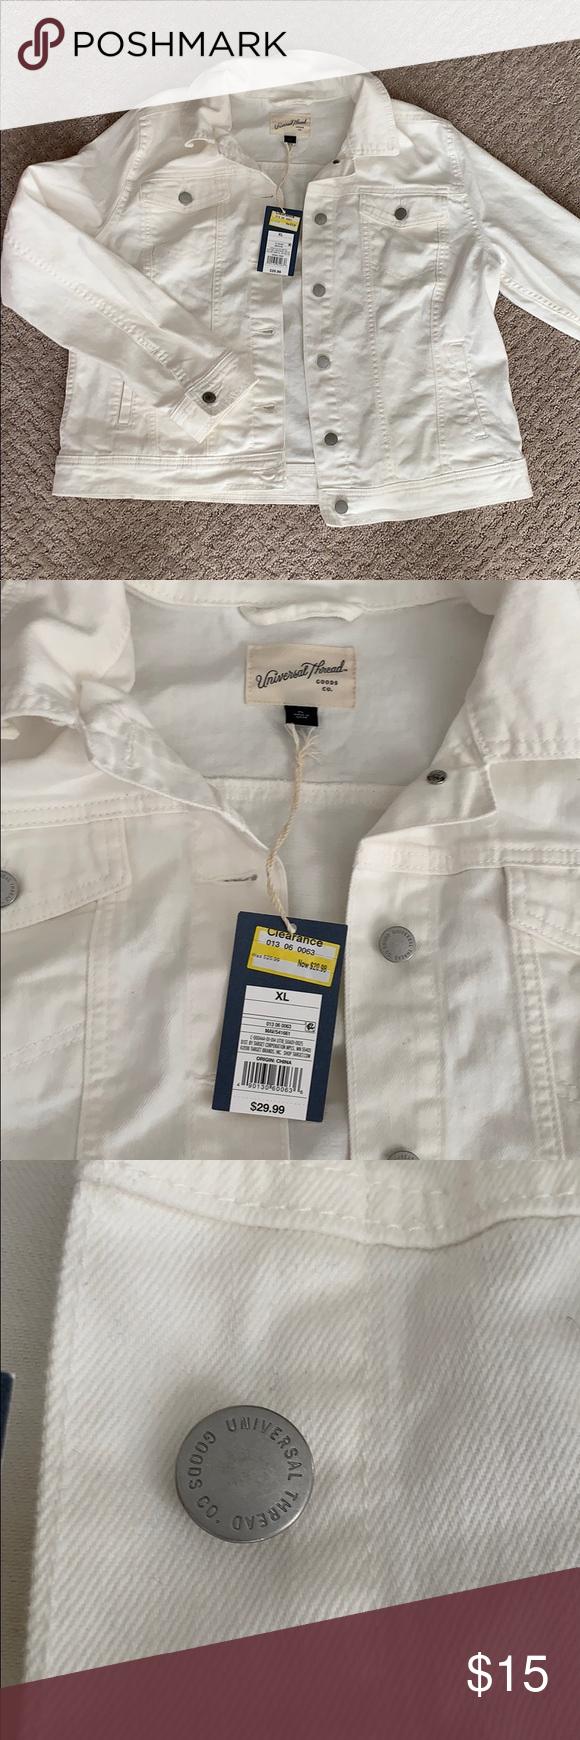 White Denim Jacket Xl White Denim Jacket White Denim Jackets For Women [ 1740 x 580 Pixel ]